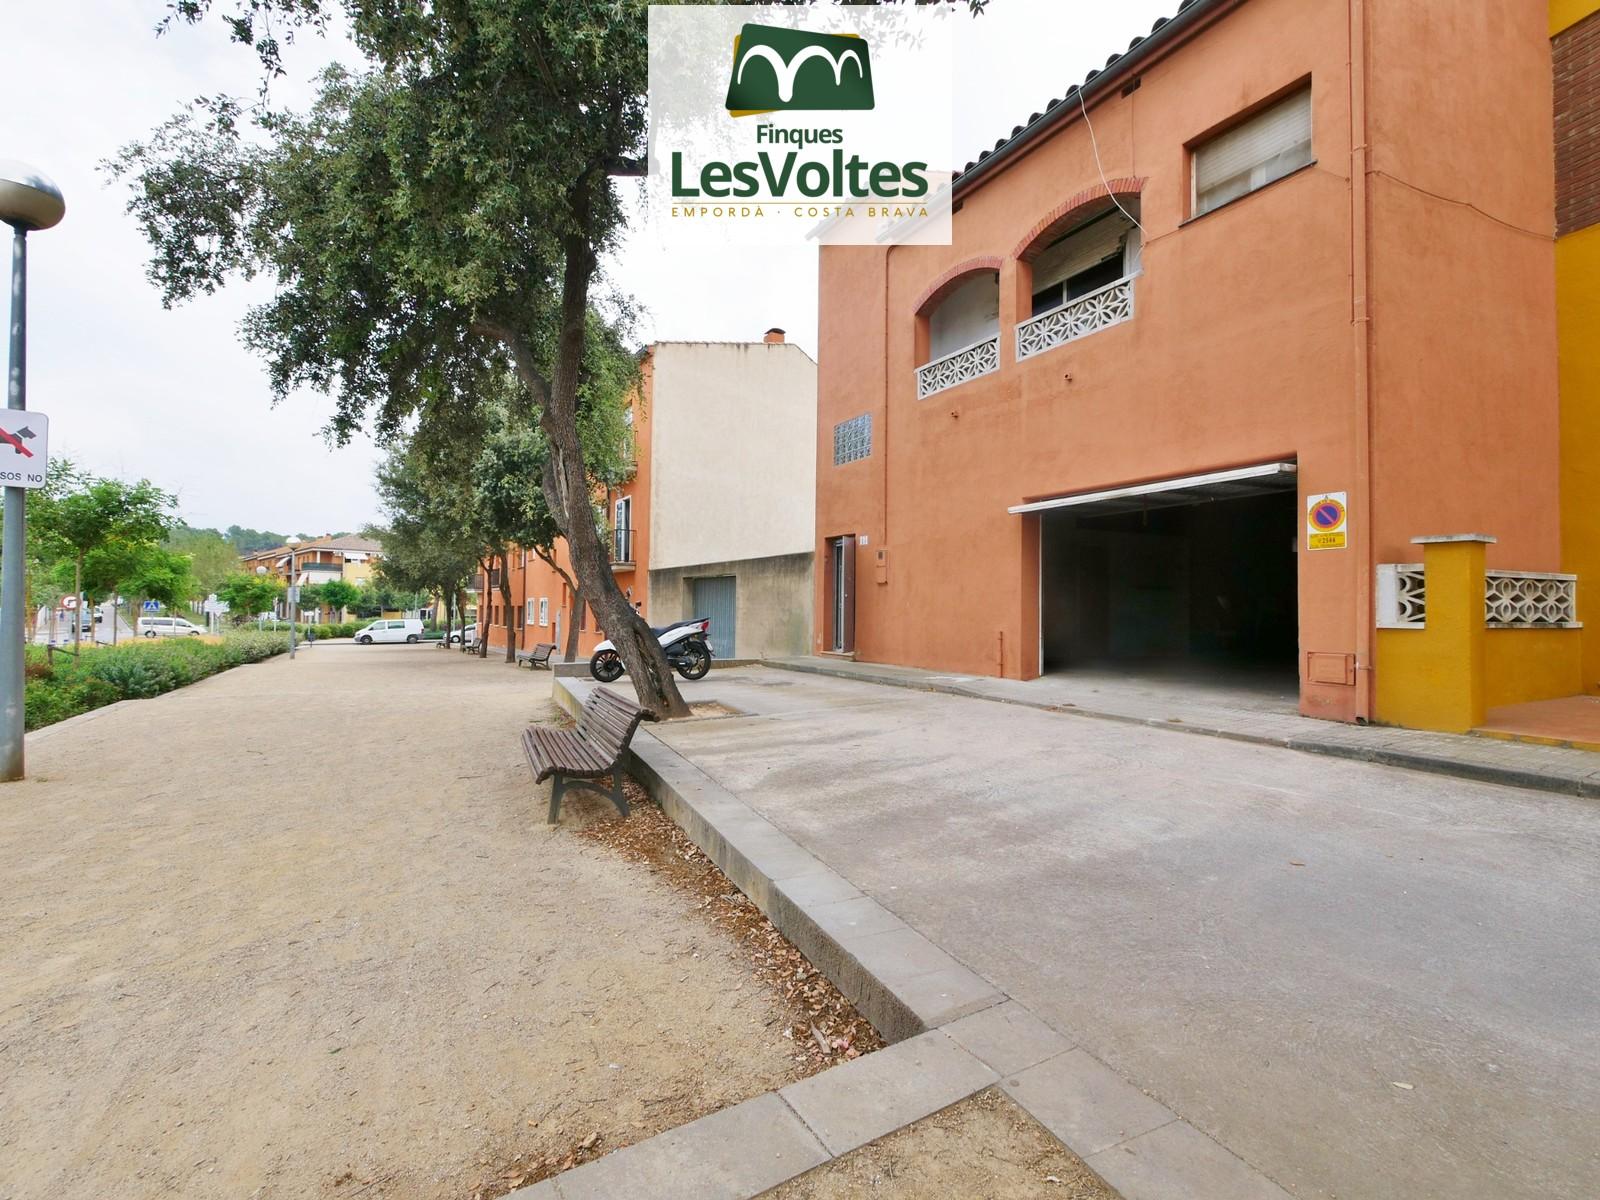 Casa amb gran garatge i terrassa en venda a Palafrugell. Zona residencial tranquil·la i ben comunicada.